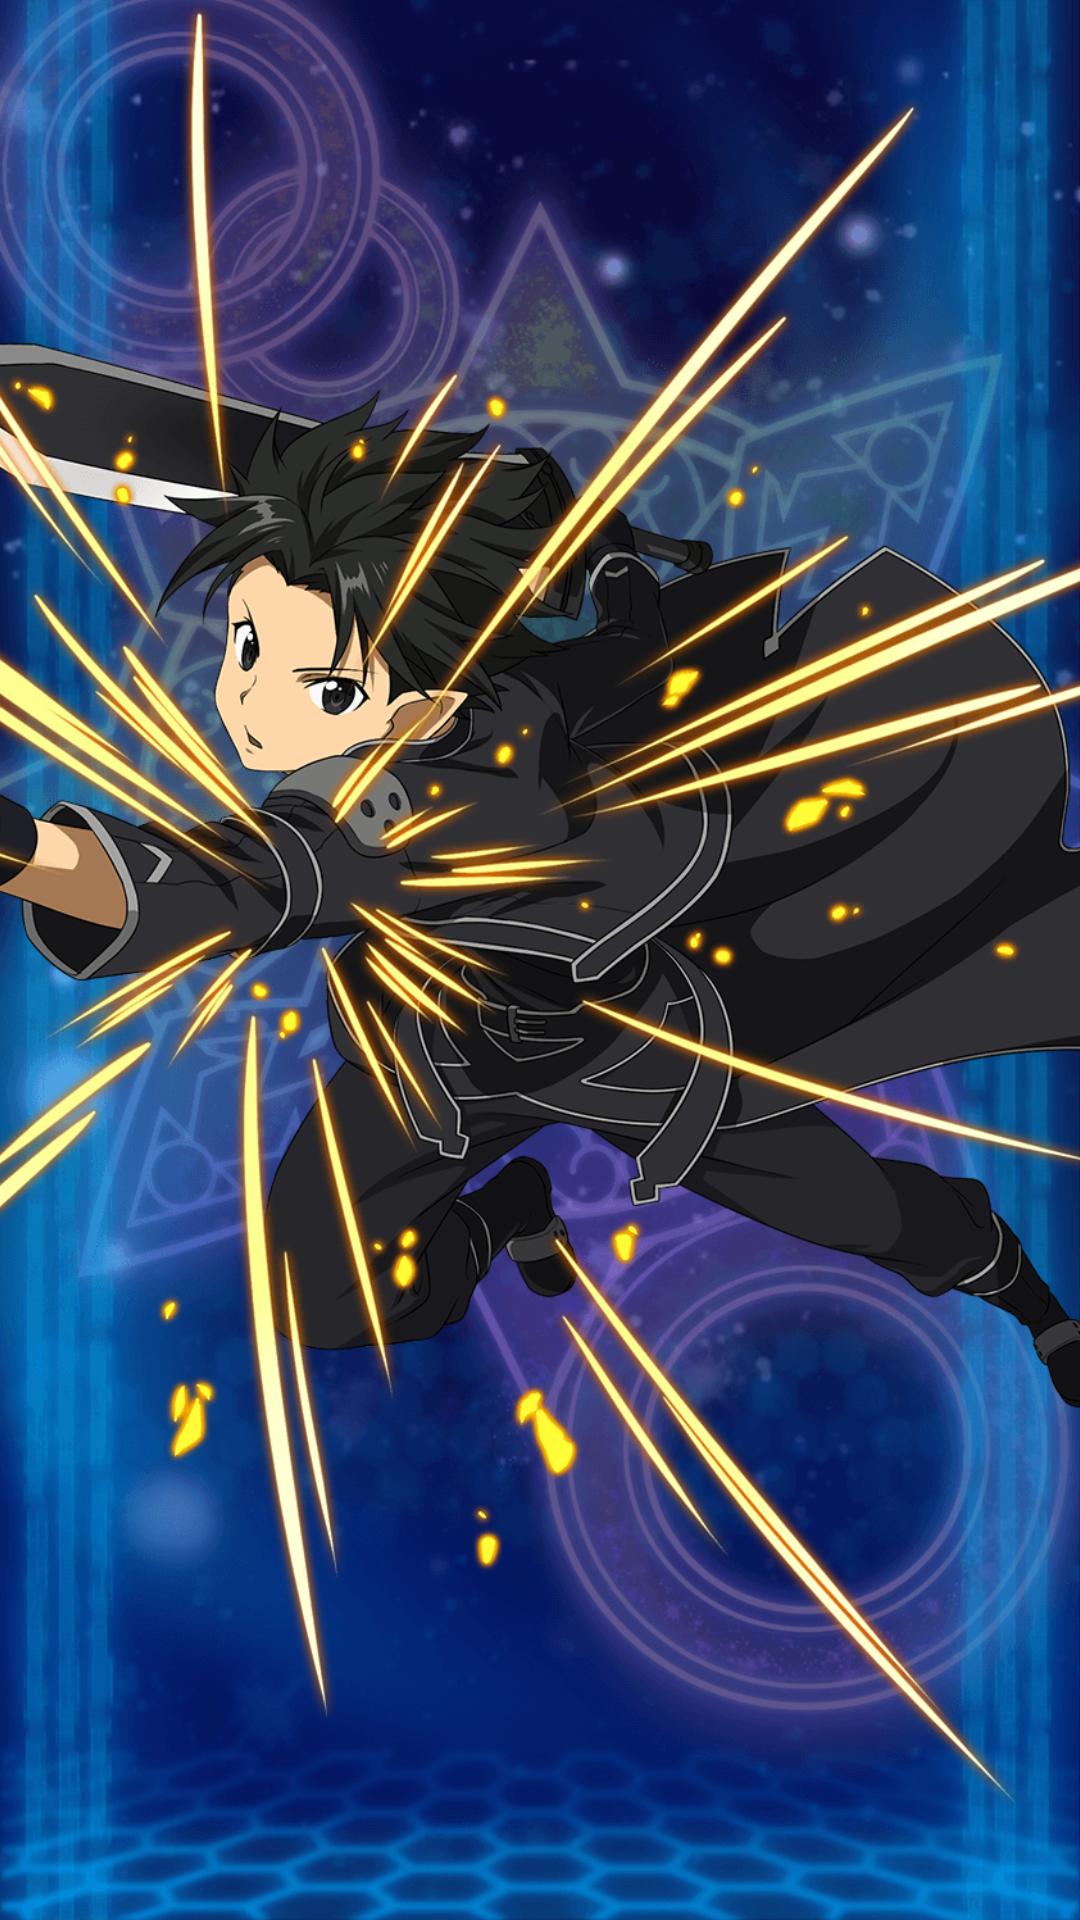 """Kirito """"Personaje Primerizo de Alfheim""""  Una vez entrado alfheim este el personaje con el que kirito compra su equipamiento y busca asuna en los pisos del arbol de mundo dentro de Alfheim Online"""